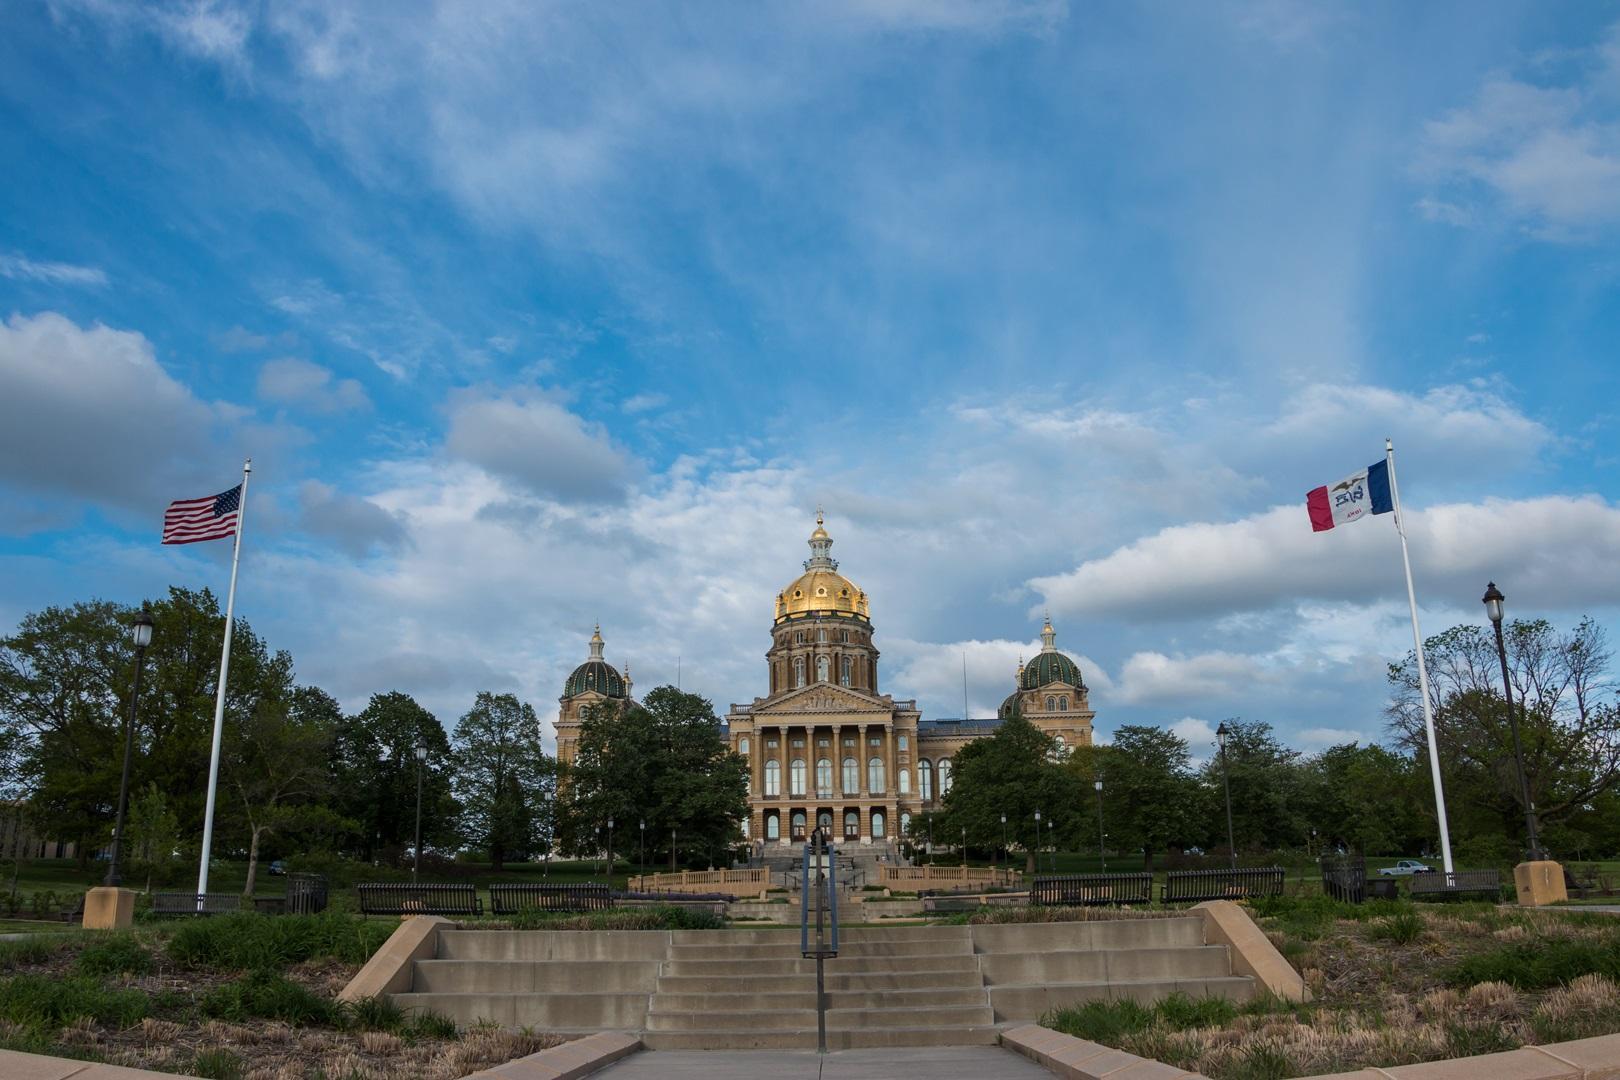 Iowa Senate passes texting and driving bill